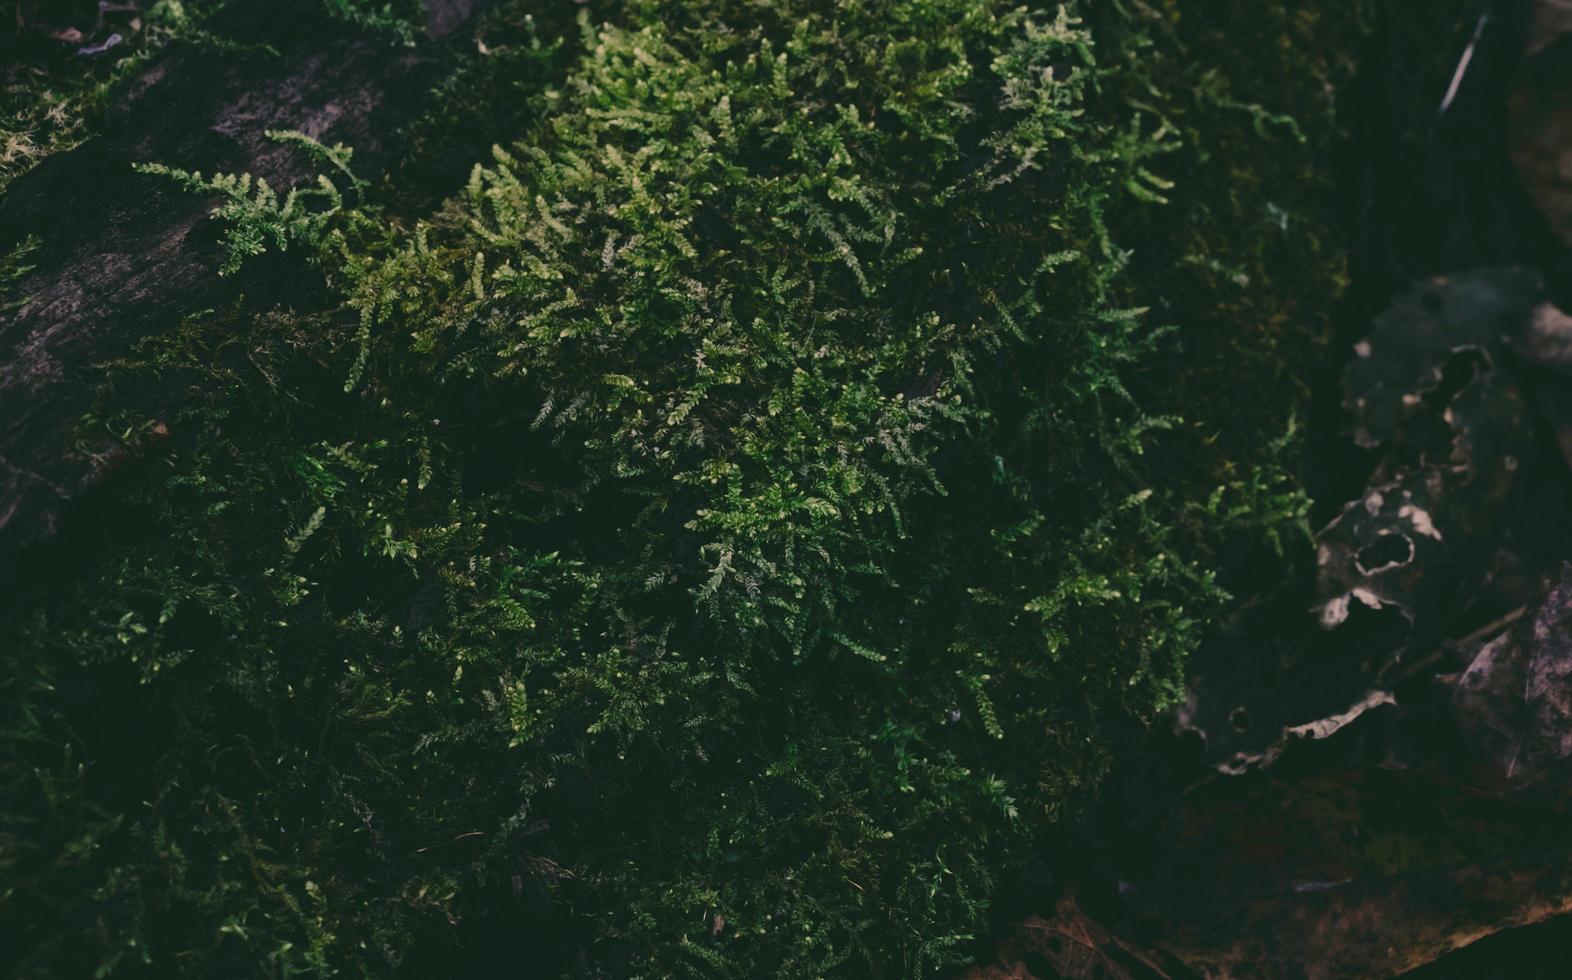 buisson vert dans la forêt photo